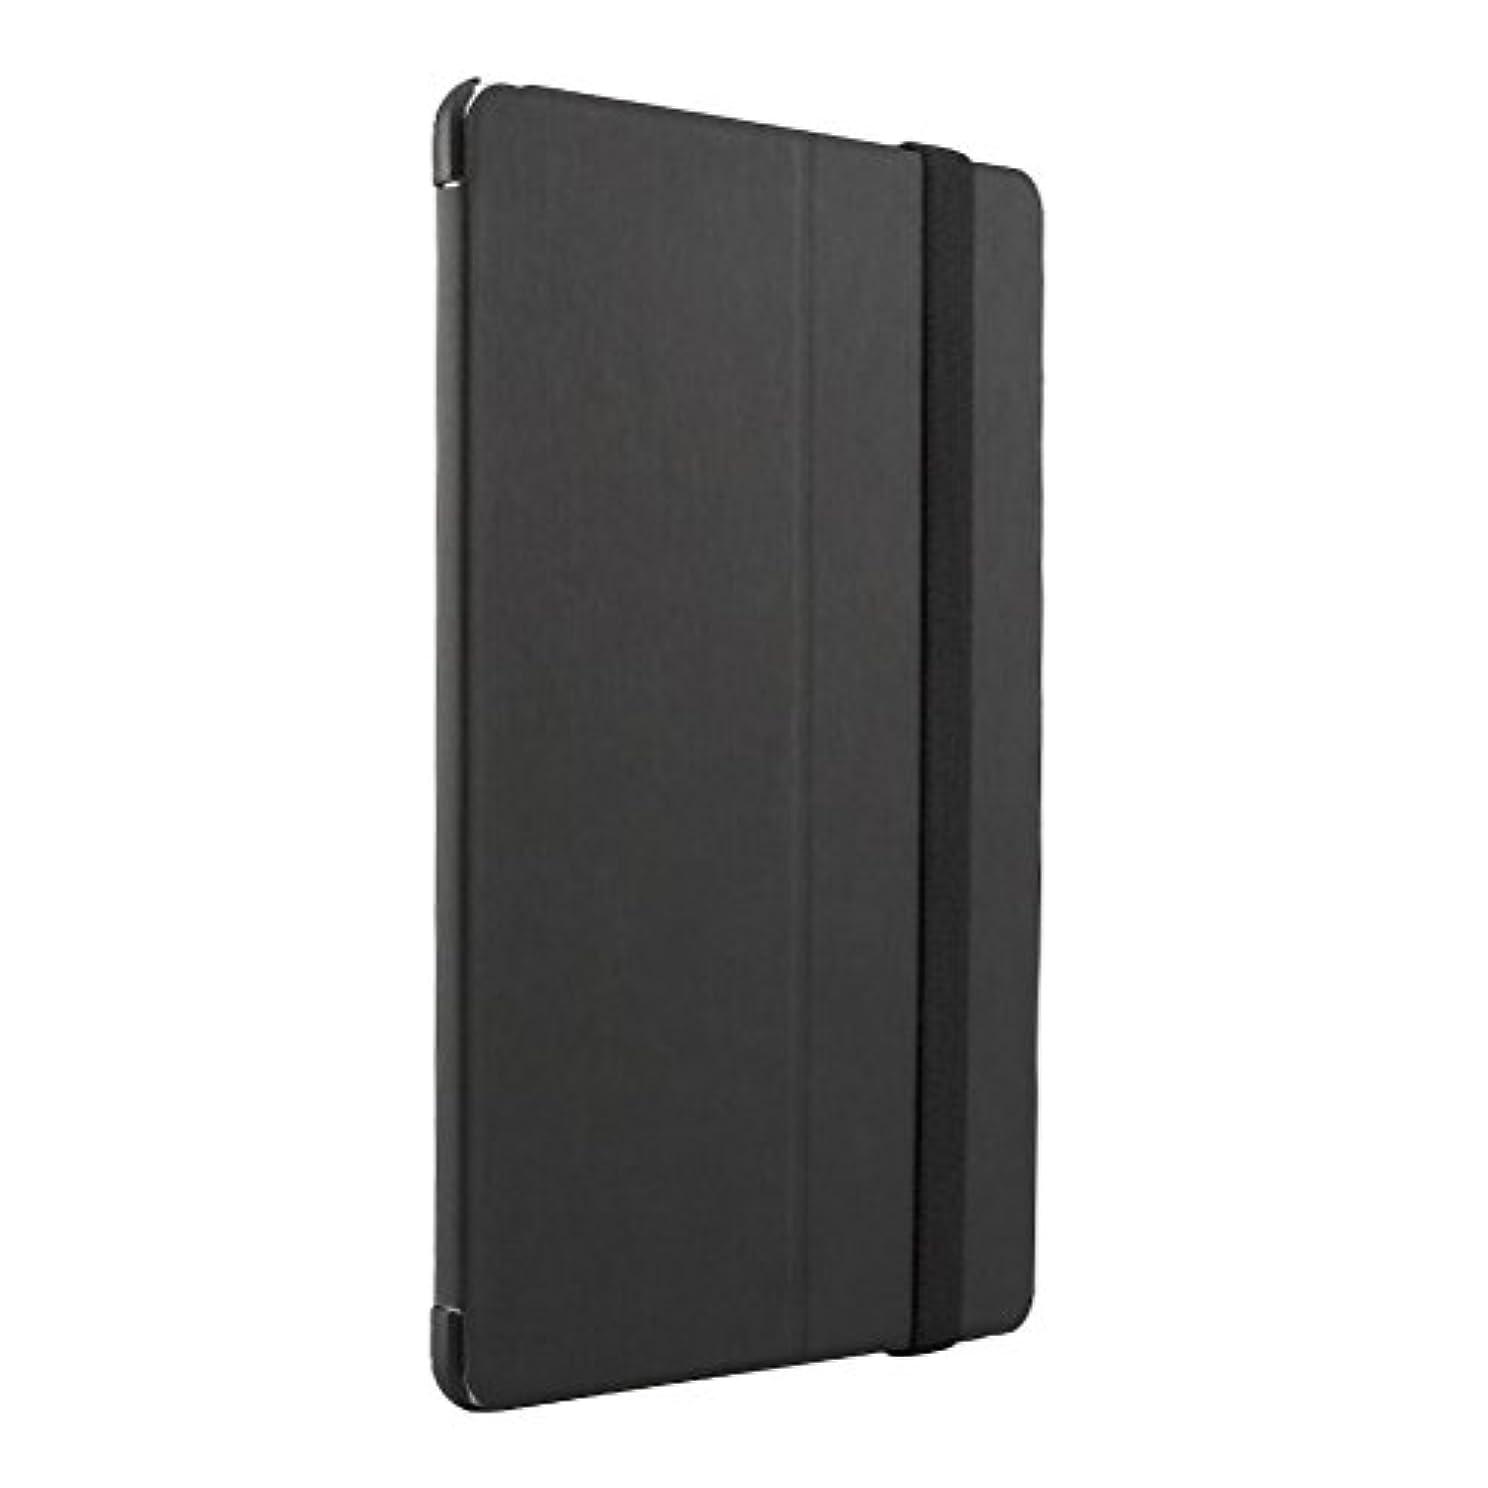 ヒステリック手順凍結iBUFFALO iPad Air 2 (2014年) レザーケース スタンド機能付き 液晶保護フィルム付 ブラック BSIPD14LFBK 【スタンド機能付のスタイリッシュなフラップ&キズを防ぐ】